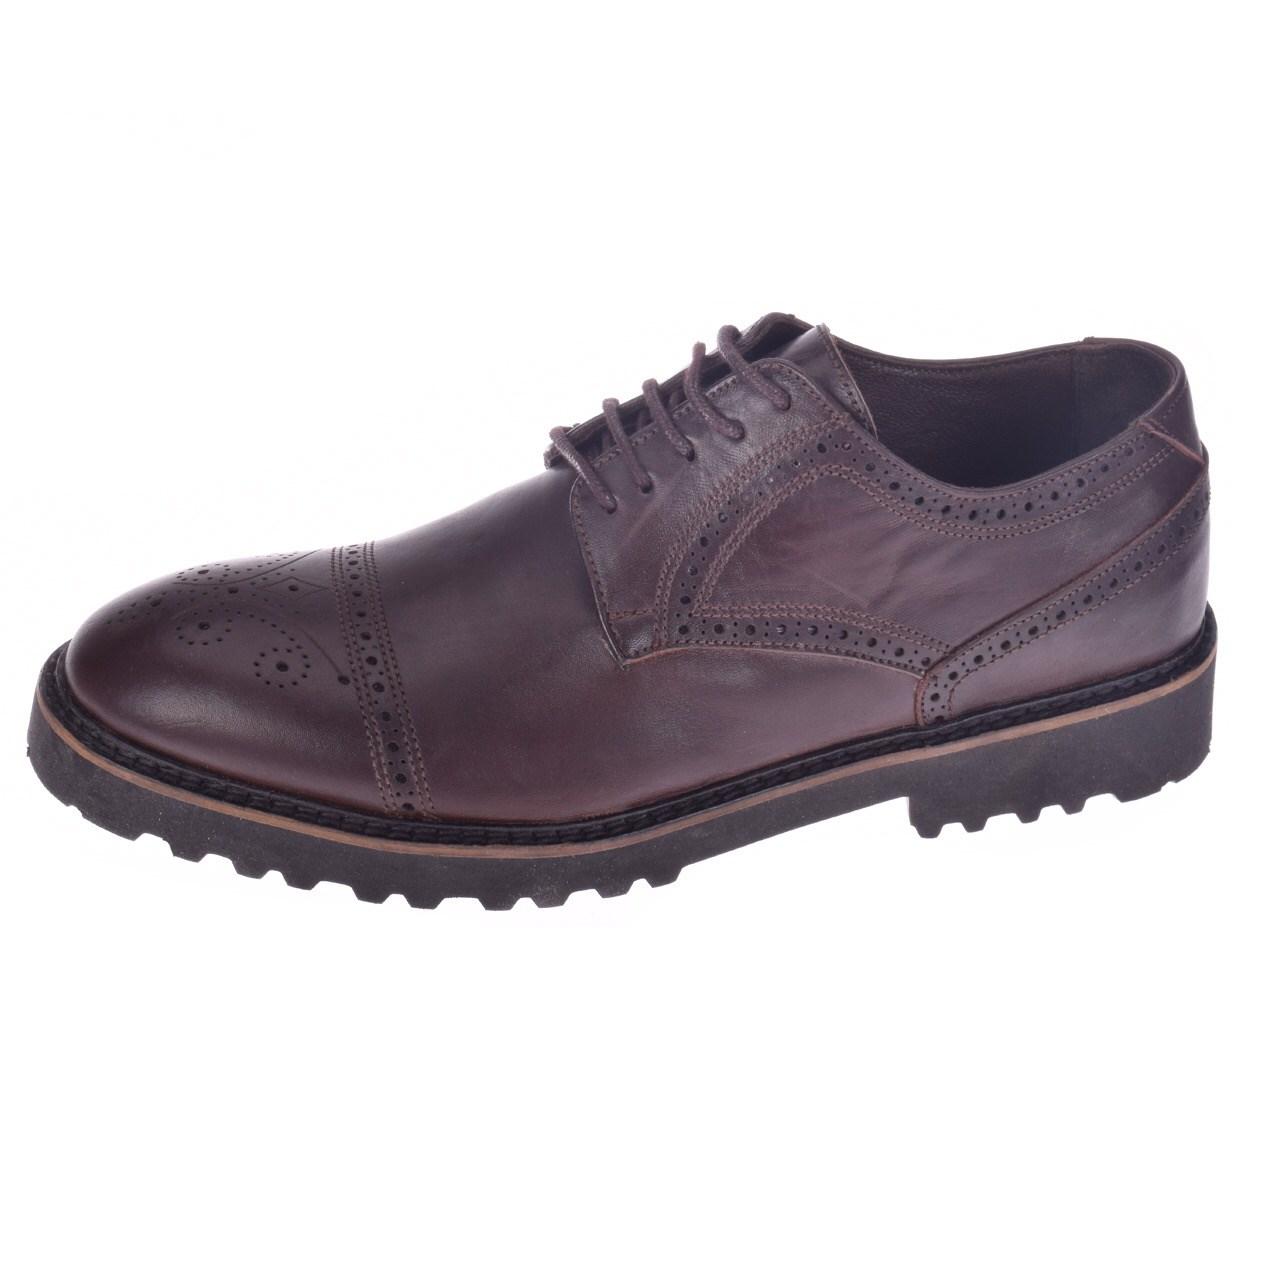 کفش چرم مردانه آر پی ام مدل میلانو کد C